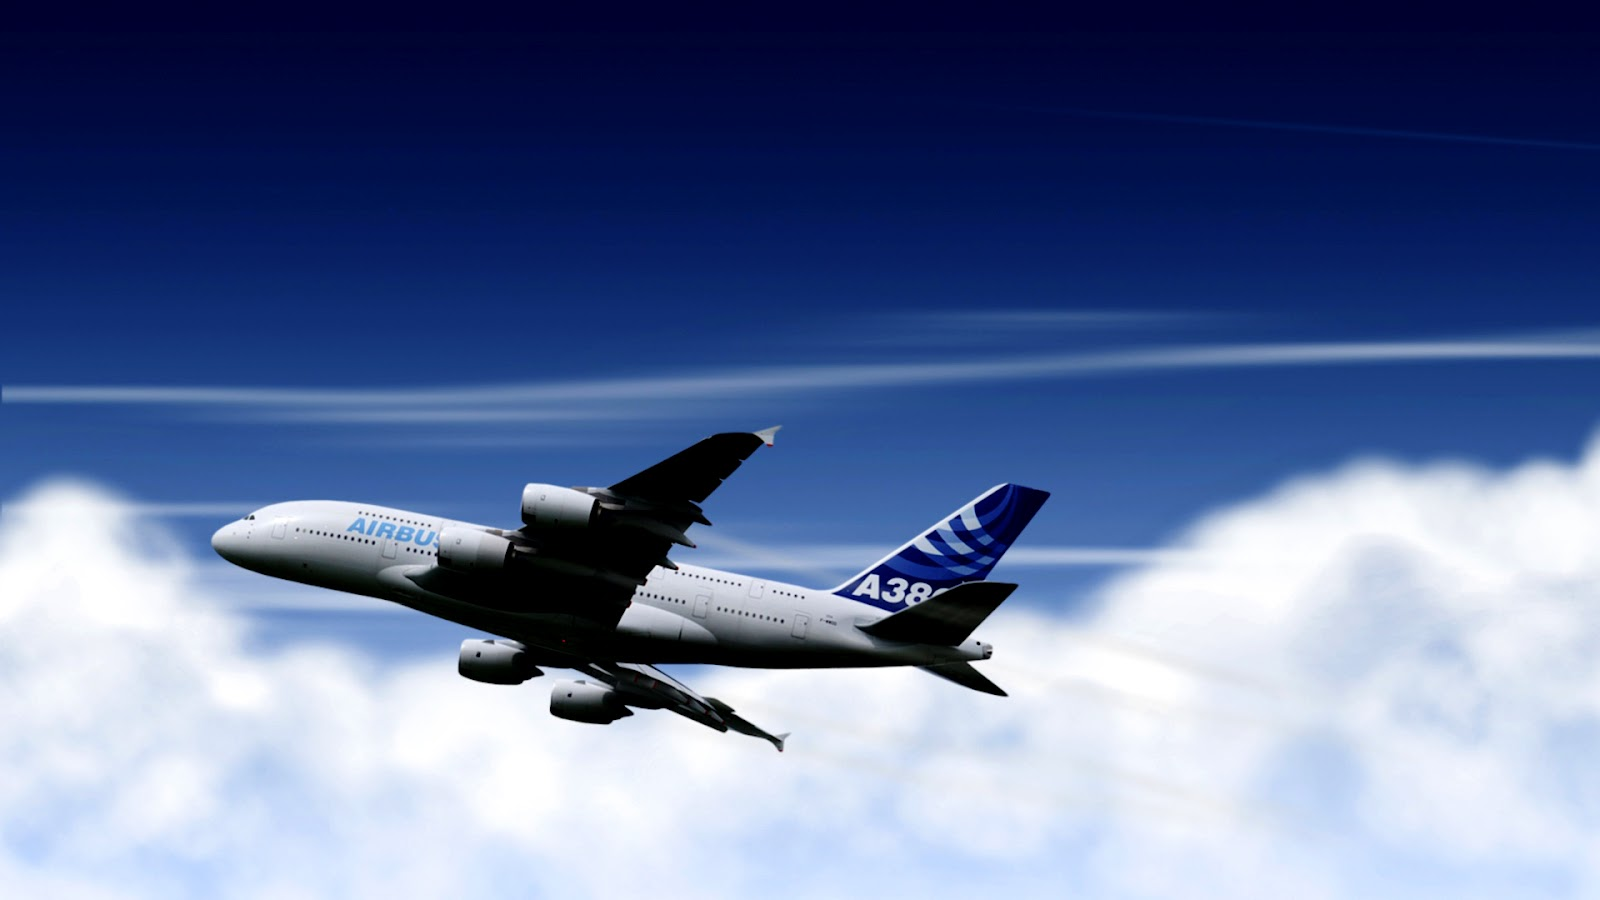 http://4.bp.blogspot.com/-I-F7Cl7w42o/TzeWUWIuvyI/AAAAAAAAAlo/Htv7q3GTSQE/s1600/Airbus_A380_Plane_HD_Wallpaper-Vvallpaper.Net.jpg